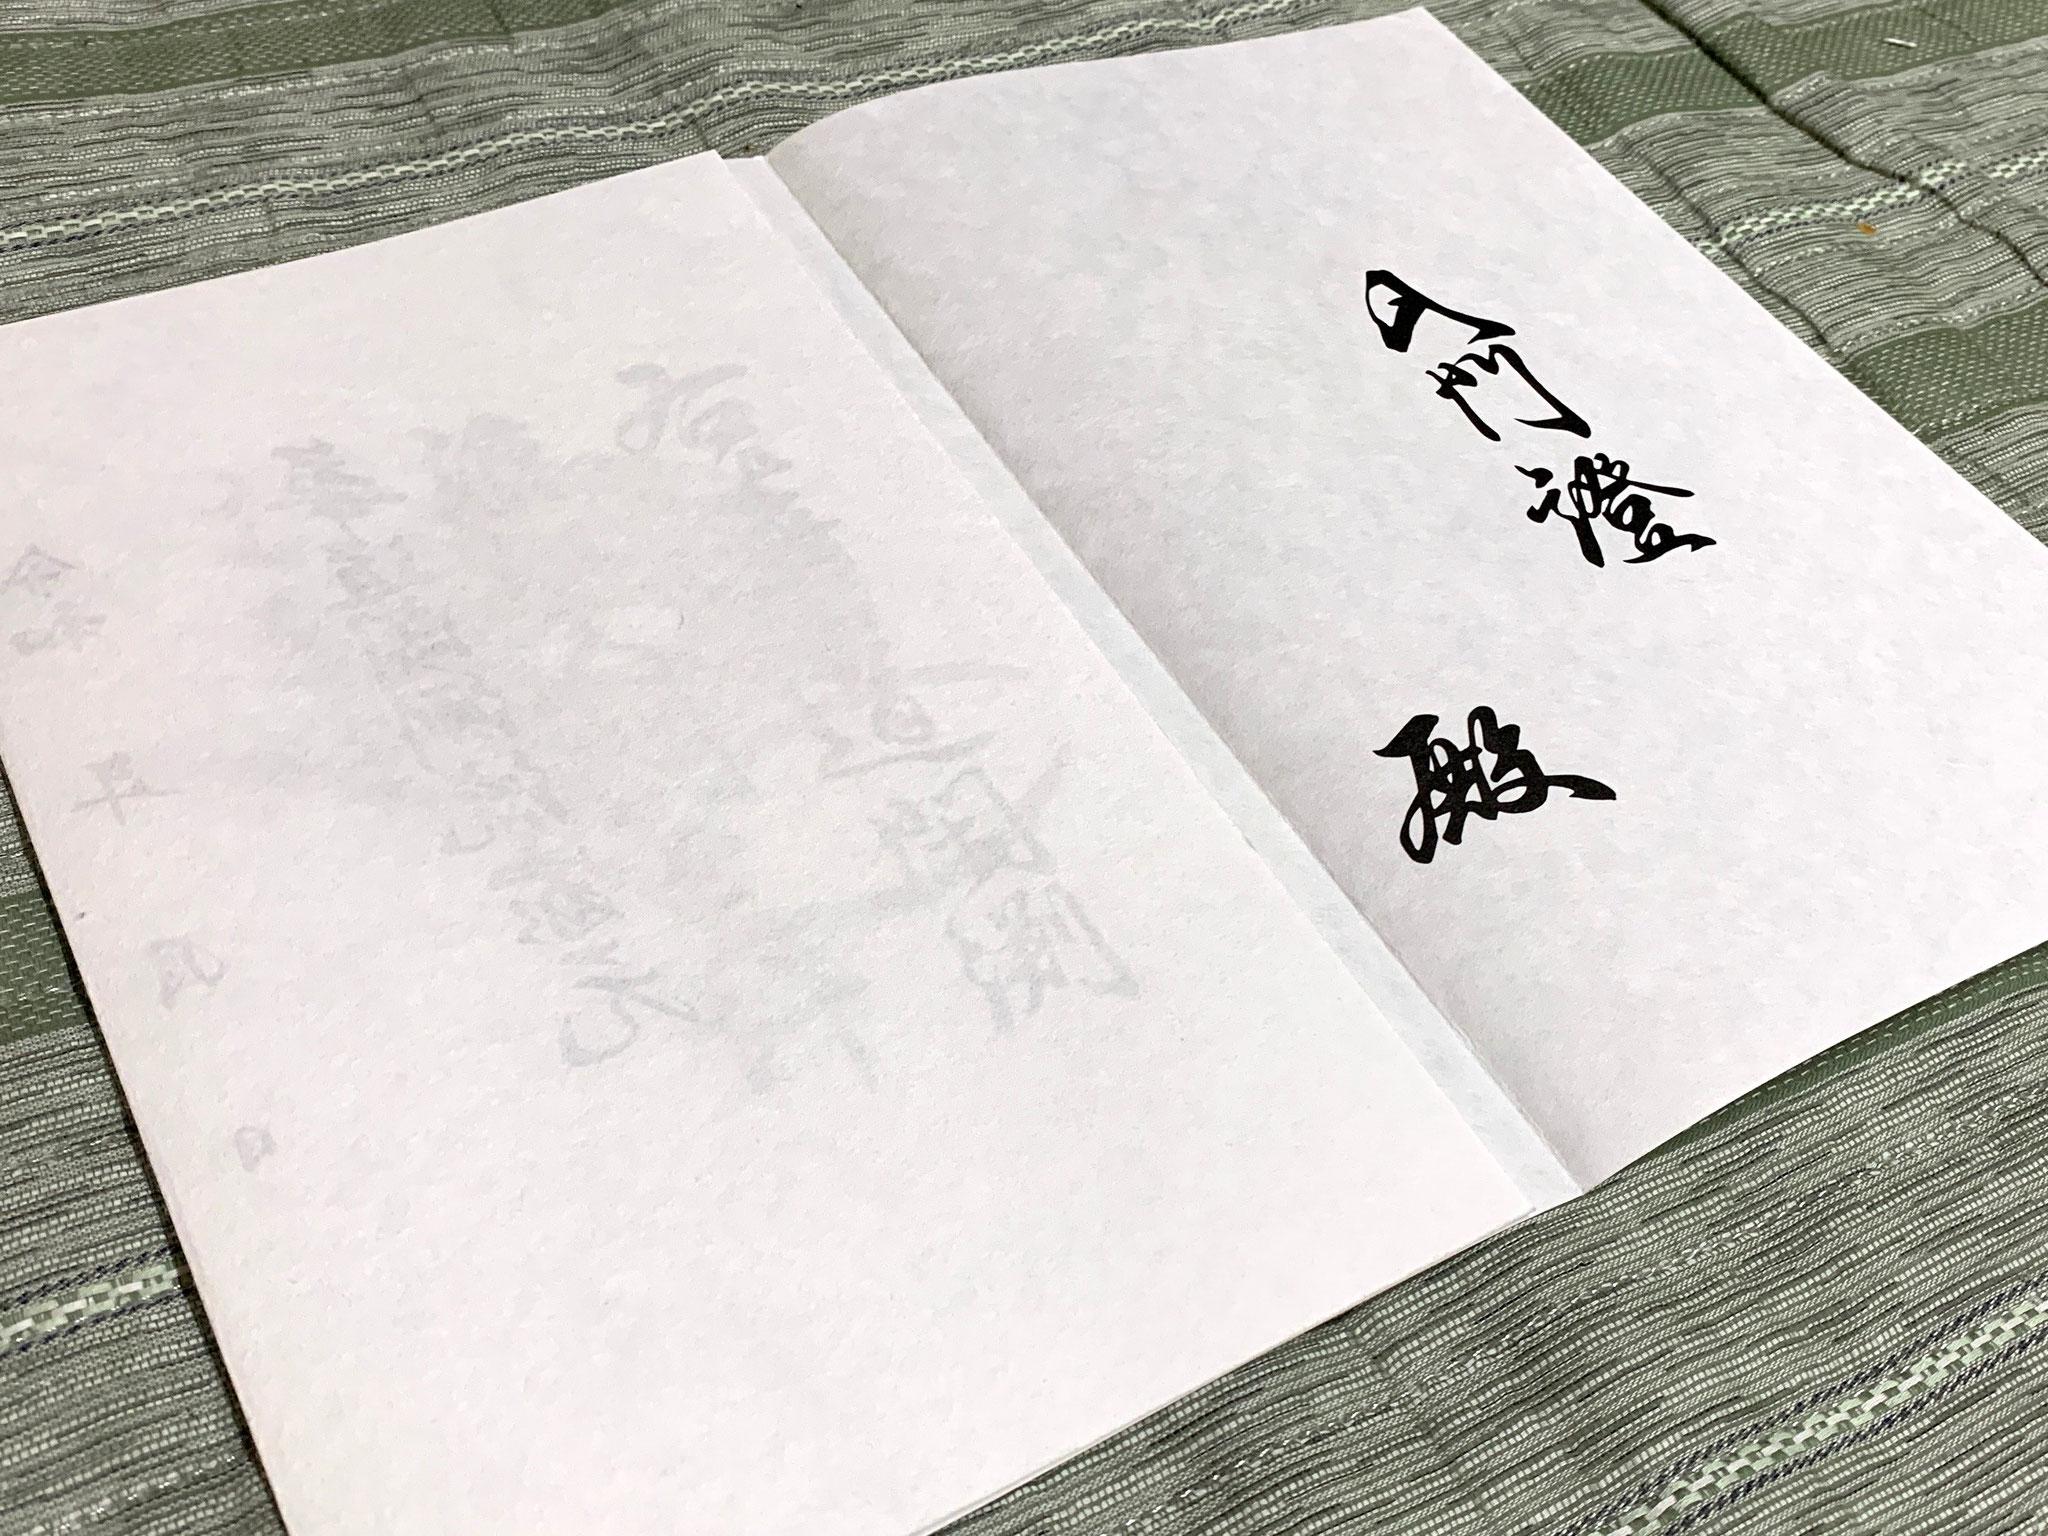 別注で作製した免状用紙は2色のオフセット印刷と三つ折り加工で仕上げています